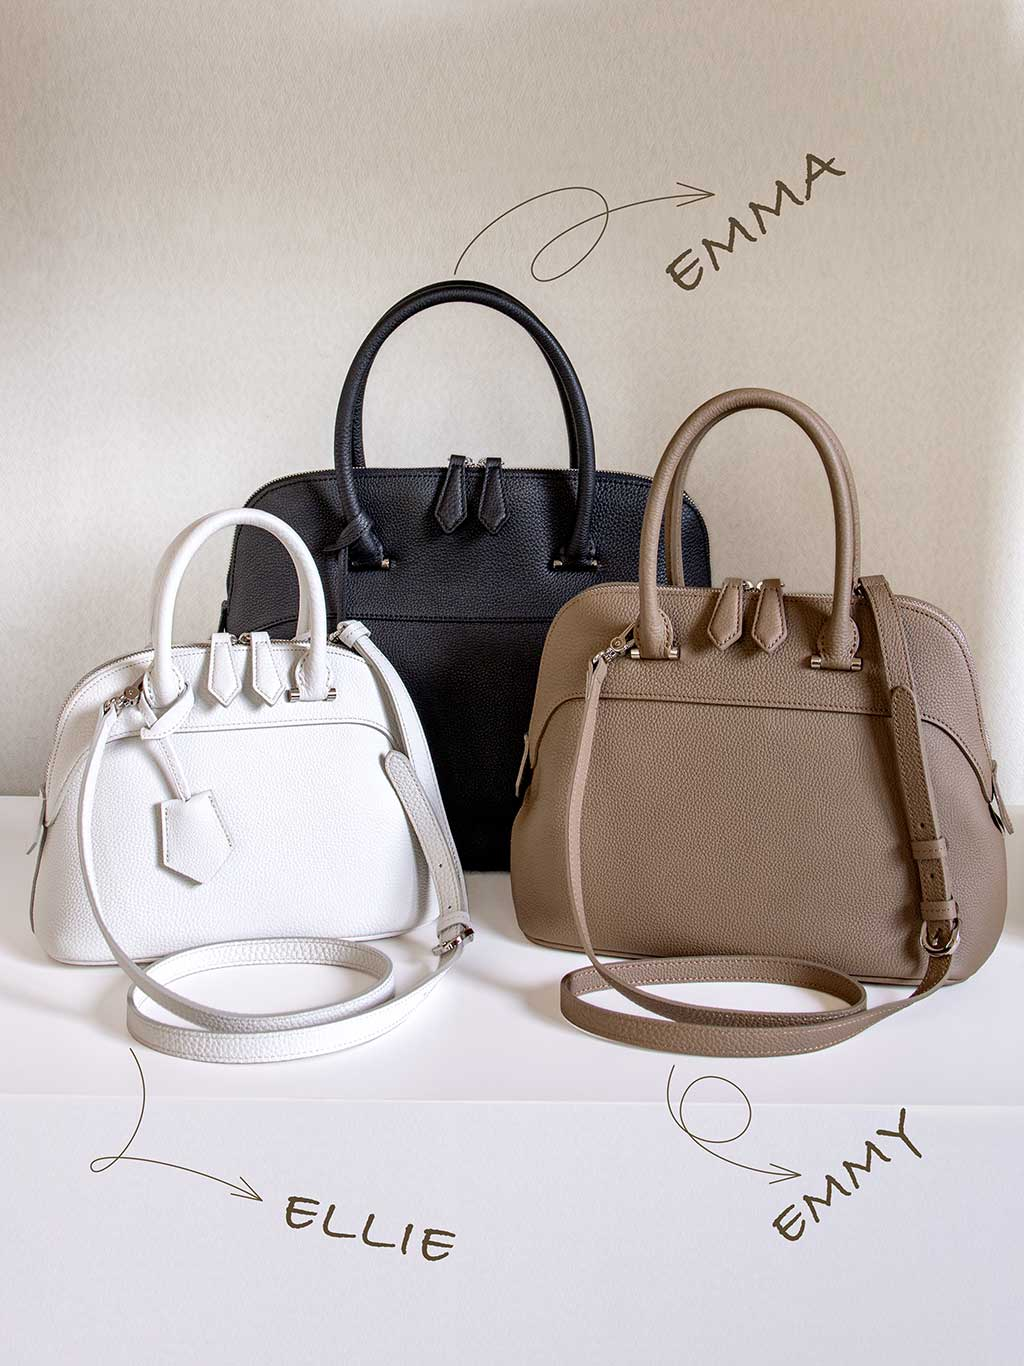 人気のシュリンクレザーで仕上げるブガッティ型の本革バッグ、エマとエミーとエリーの可愛いくて完璧な三姉妹。